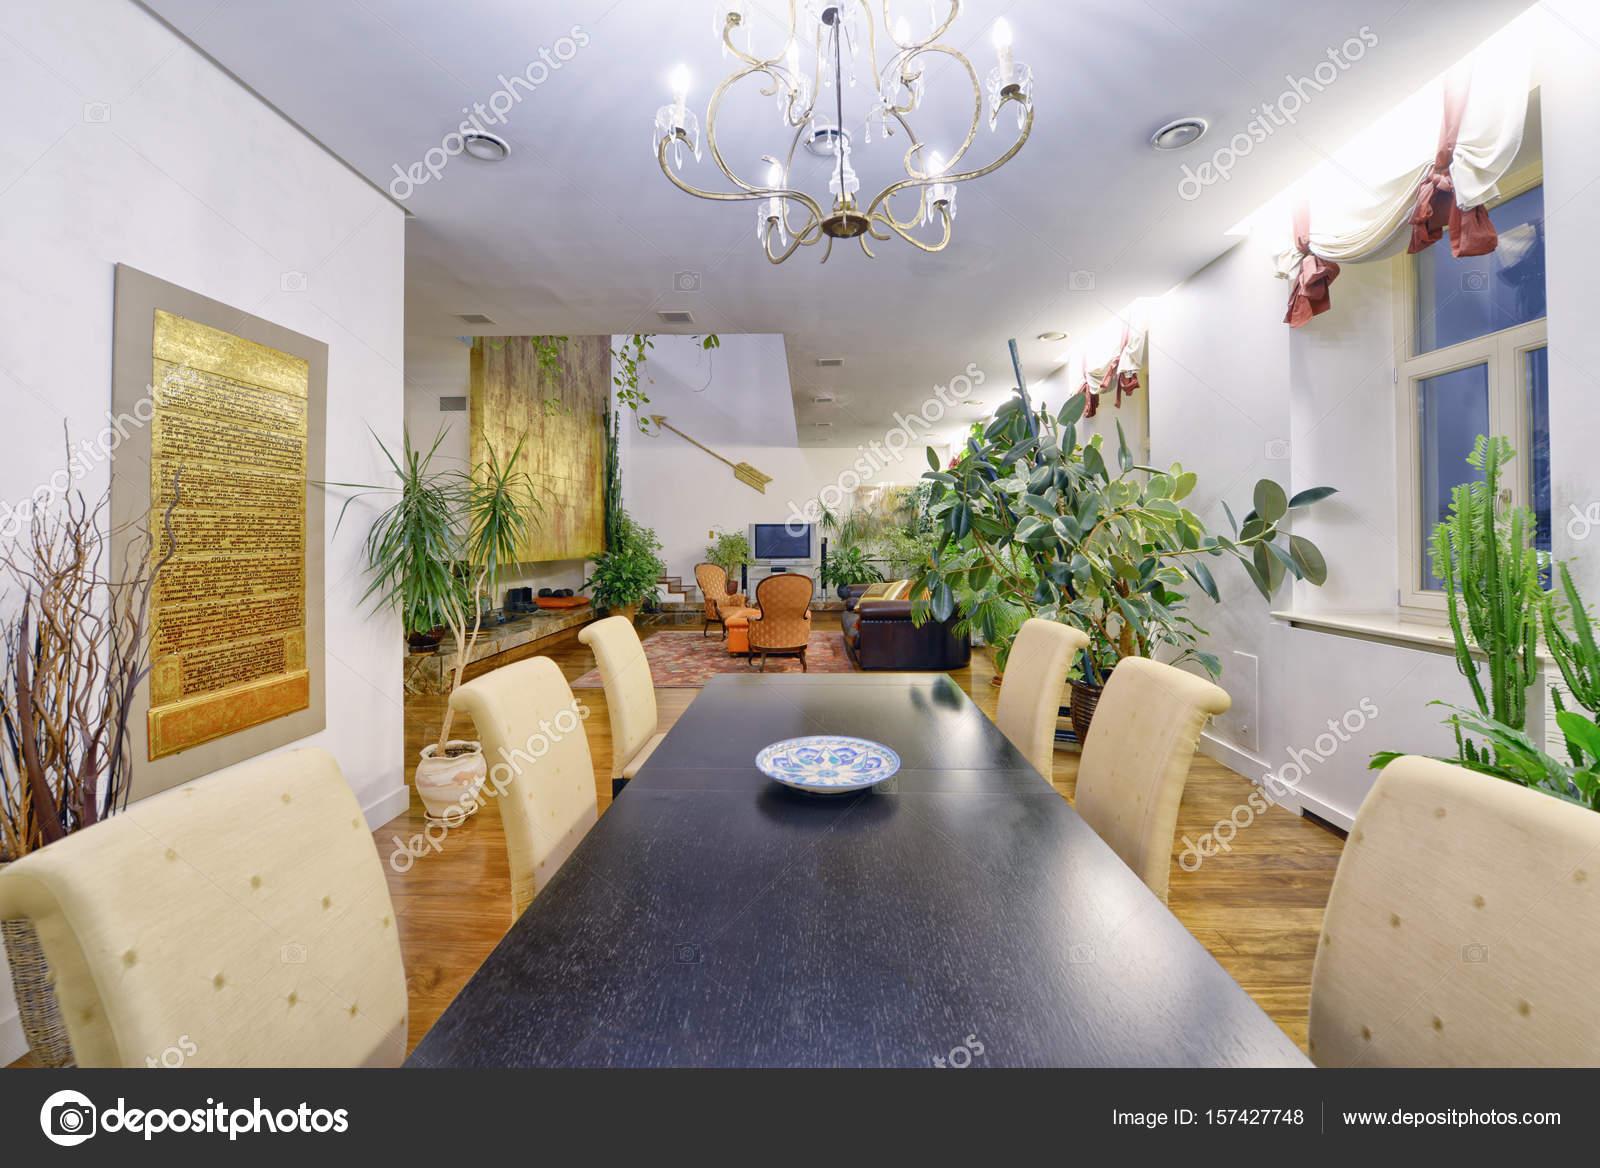 Grote eettafel in het interieur van het appartement in een